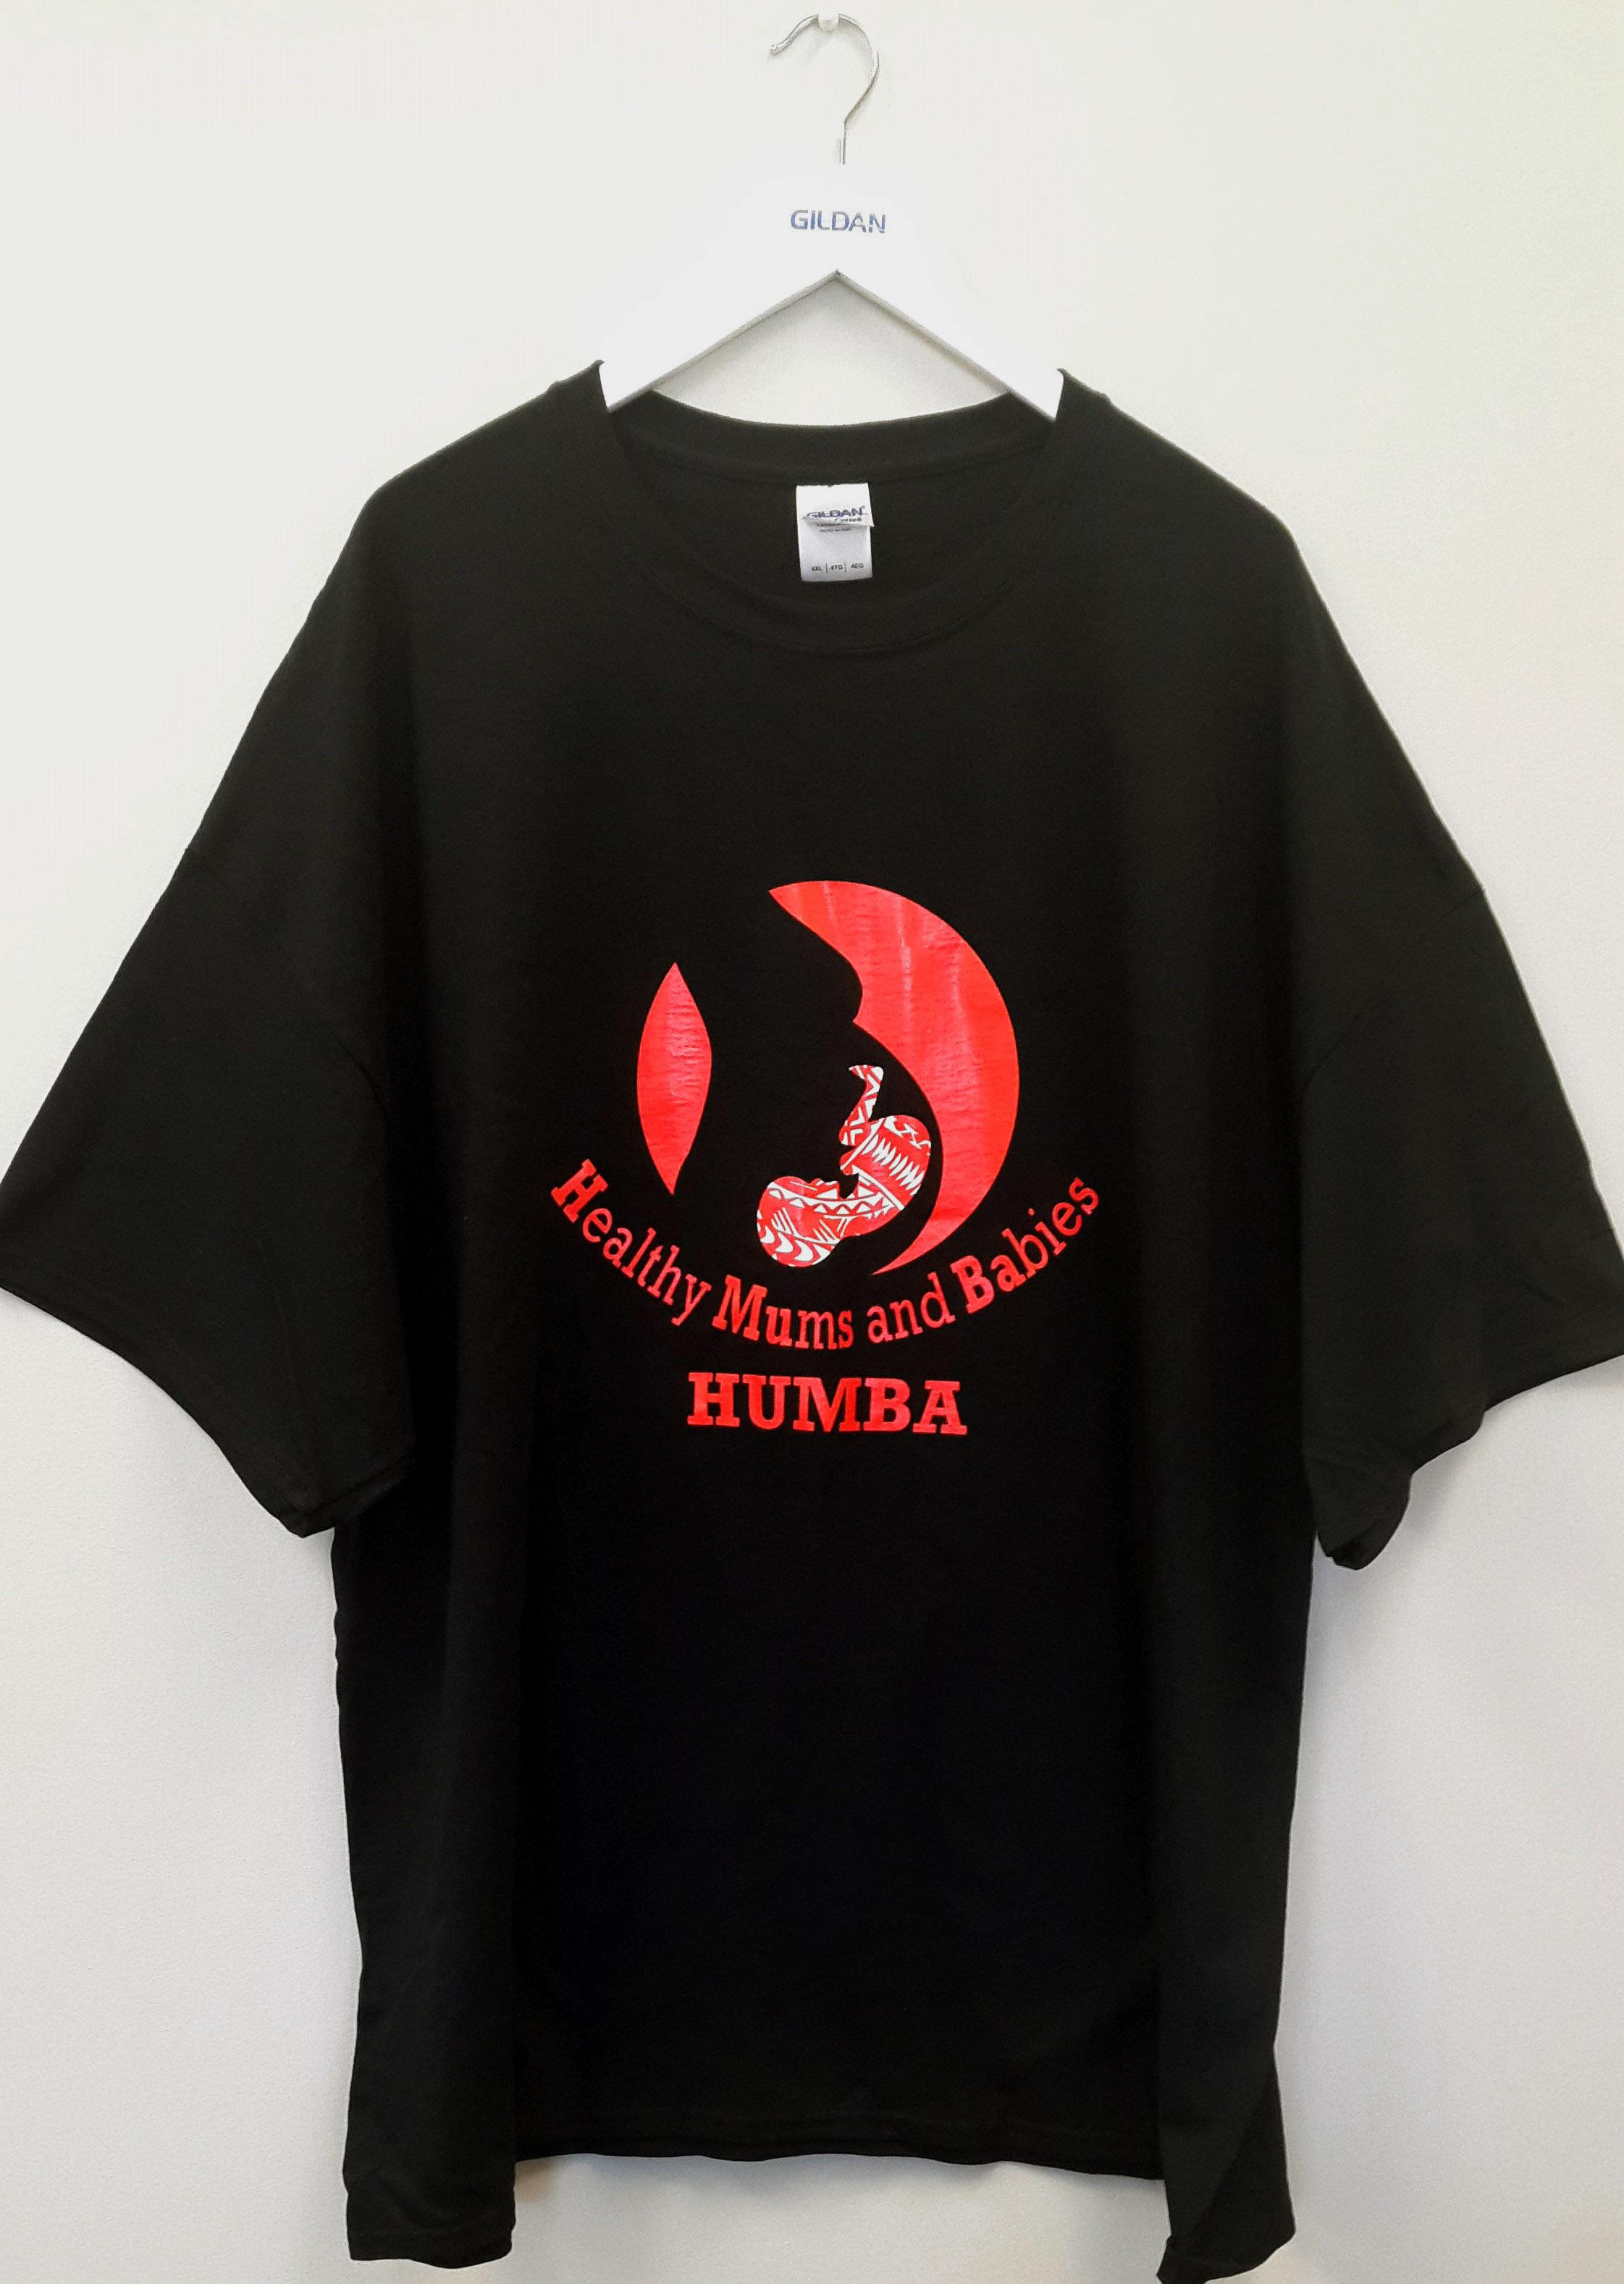 blck t-shirt